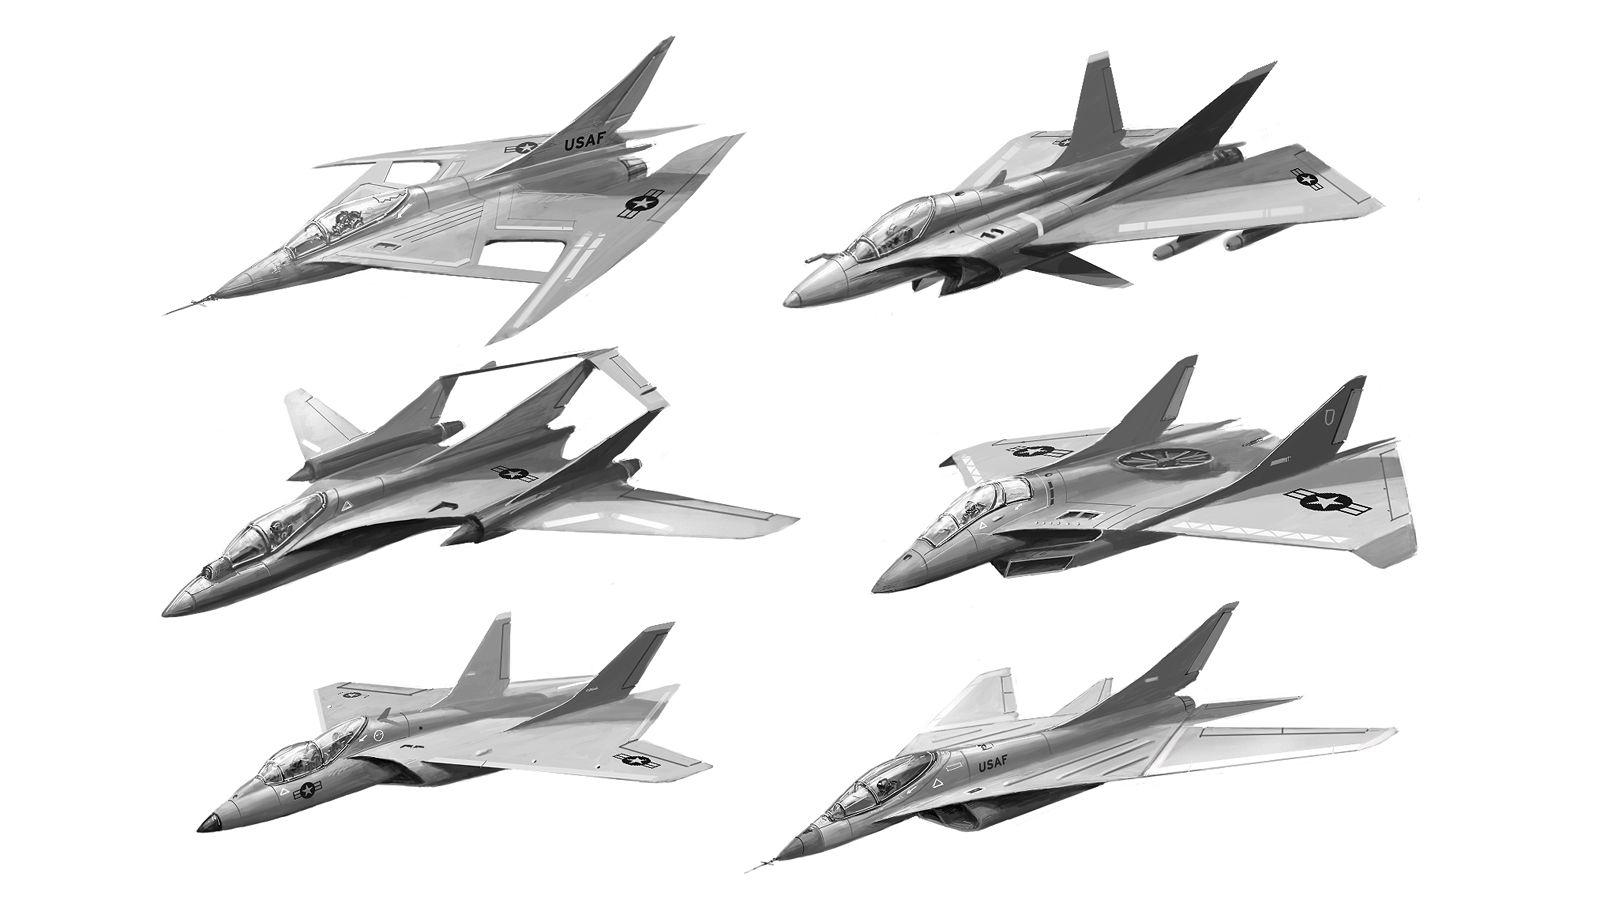 Aircraft Concepts By Alex Ichimviantart On